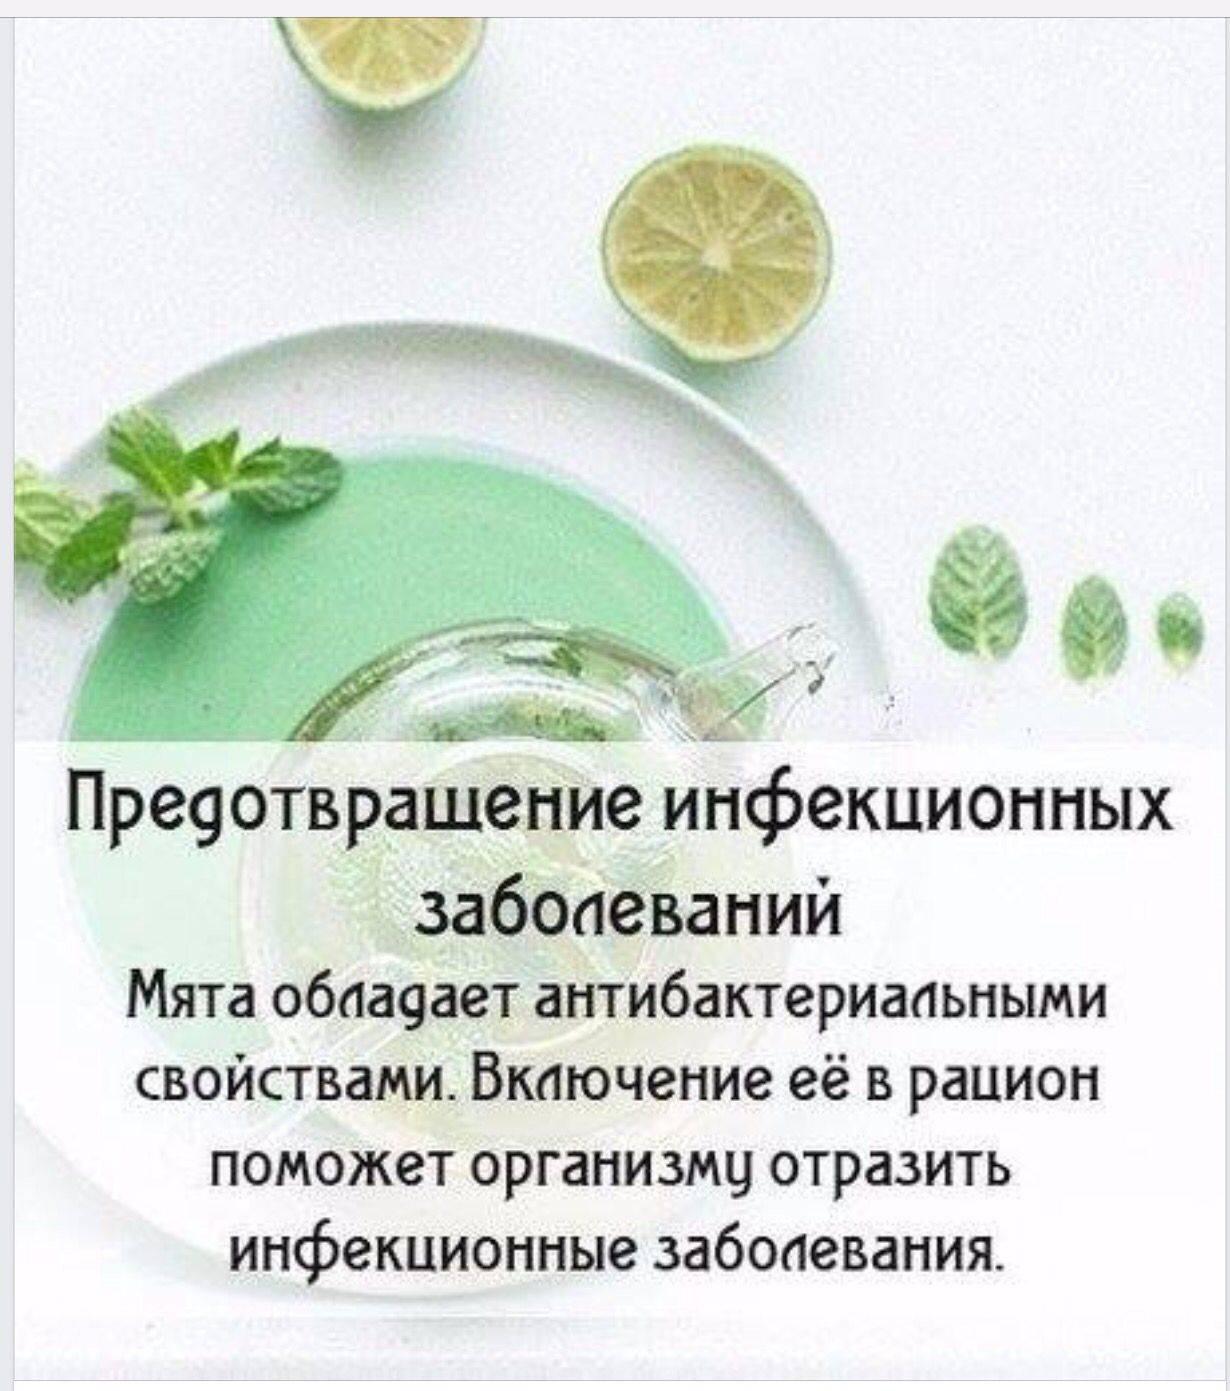 Мелисса при грудном вскармливании: можно ли пить чай с травой и мятой в период лактации, каковы противопоказания при гв и какие еще есть способы применения? русский фермер